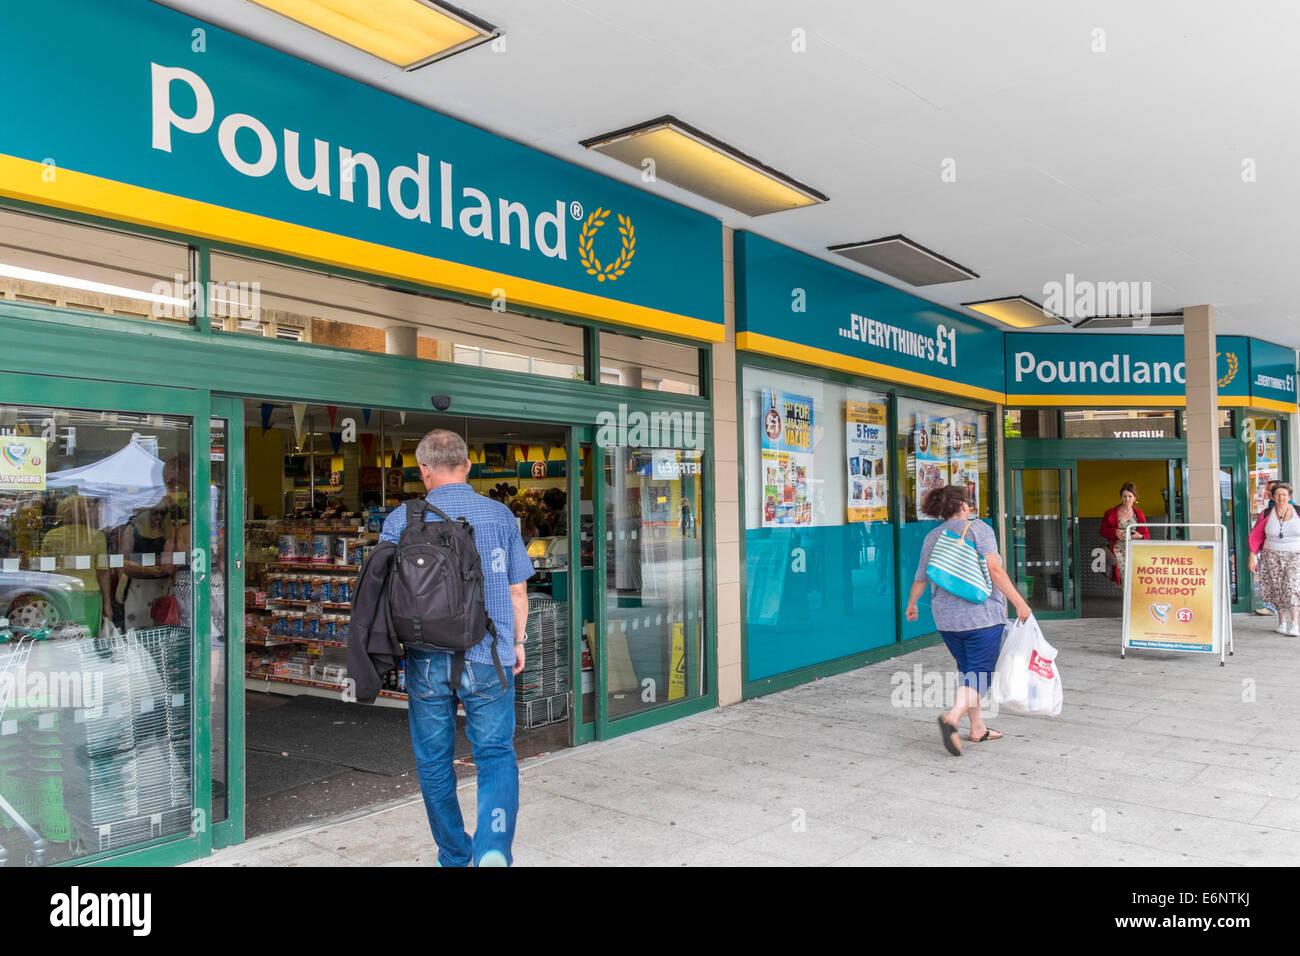 Poundland discount store, Exeter, Devon, England UK - Stock Image